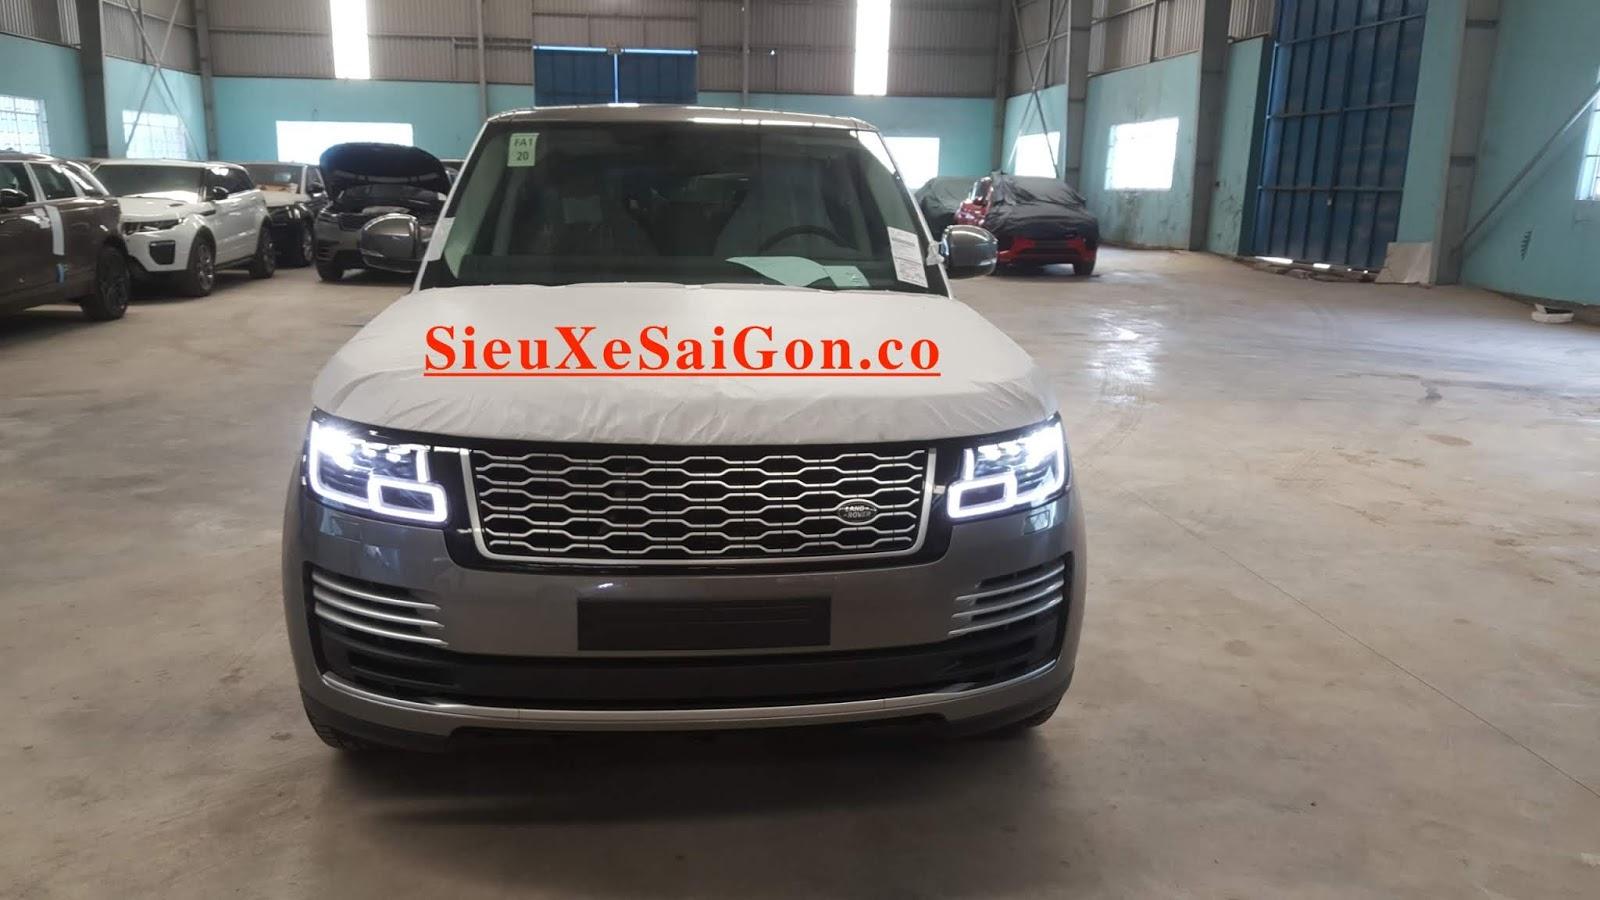 Đèn pha led thé hệ mới, Mẫu Động Cơ 3.0 V6 Range Rover Phiên Bản Dài LWB Autobiography 2018 Model 2019 Giao Ngay Giá Bao Nhieu Tiền - màu silicon silver ánh kim bạc